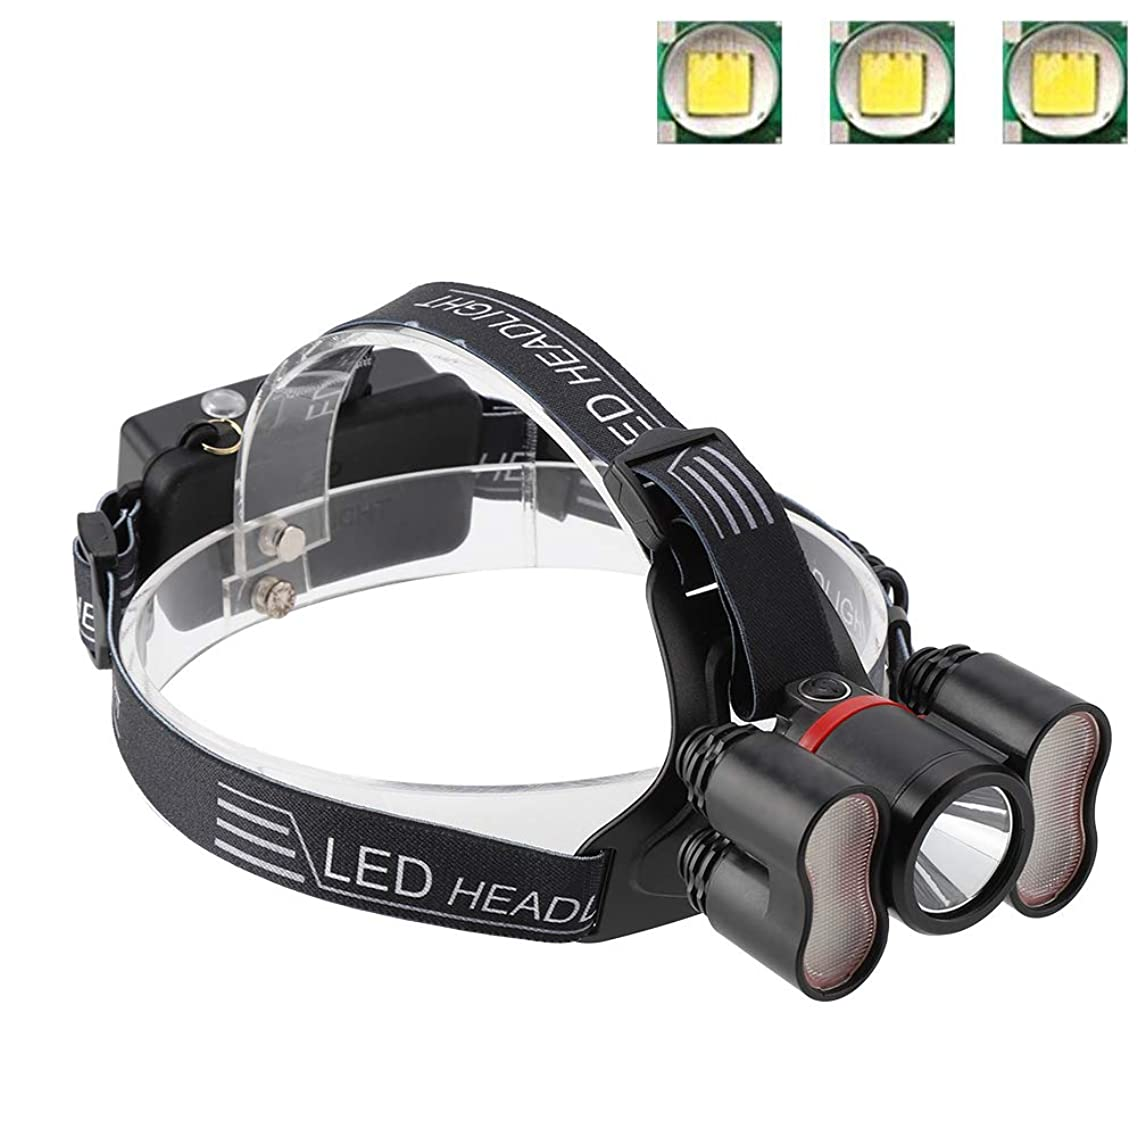 うれしい軽減振り返るヘッドライト懐中電灯、2000LMヘッドライト18650 LED USB充電式防水トラベルヘッドトーチキャンプランプランニングハイキング釣りに適して(#1)